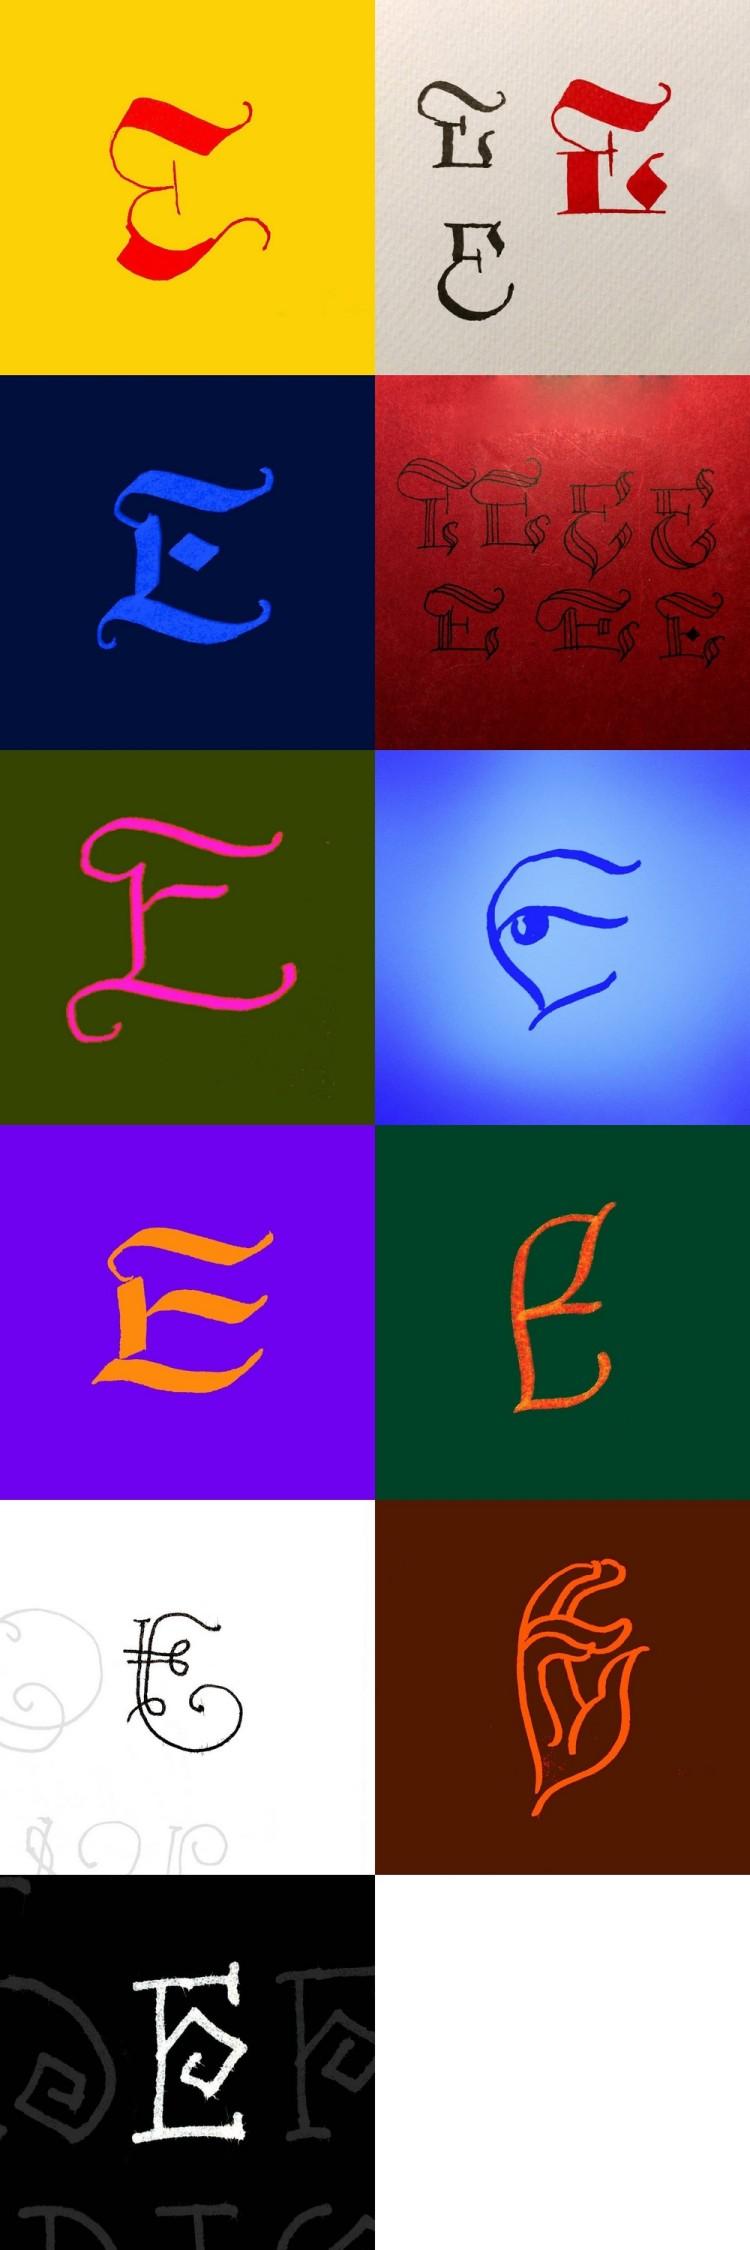 36daysoftype - E - Florin Florea